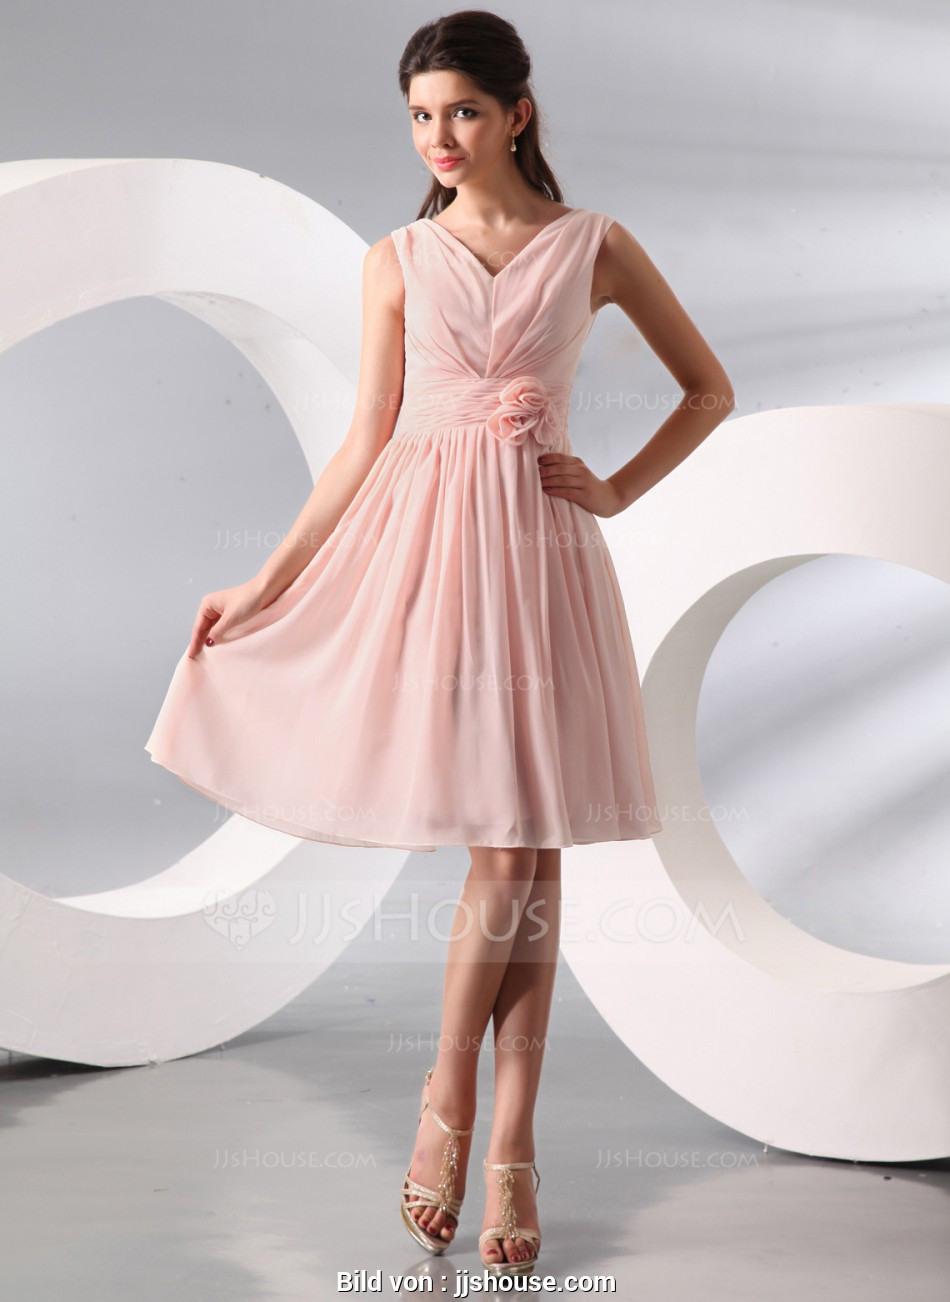 Designer Ausgezeichnet Knielange Kleider Für Festliche Anlässe Ärmel13 Luxus Knielange Kleider Für Festliche Anlässe für 2019